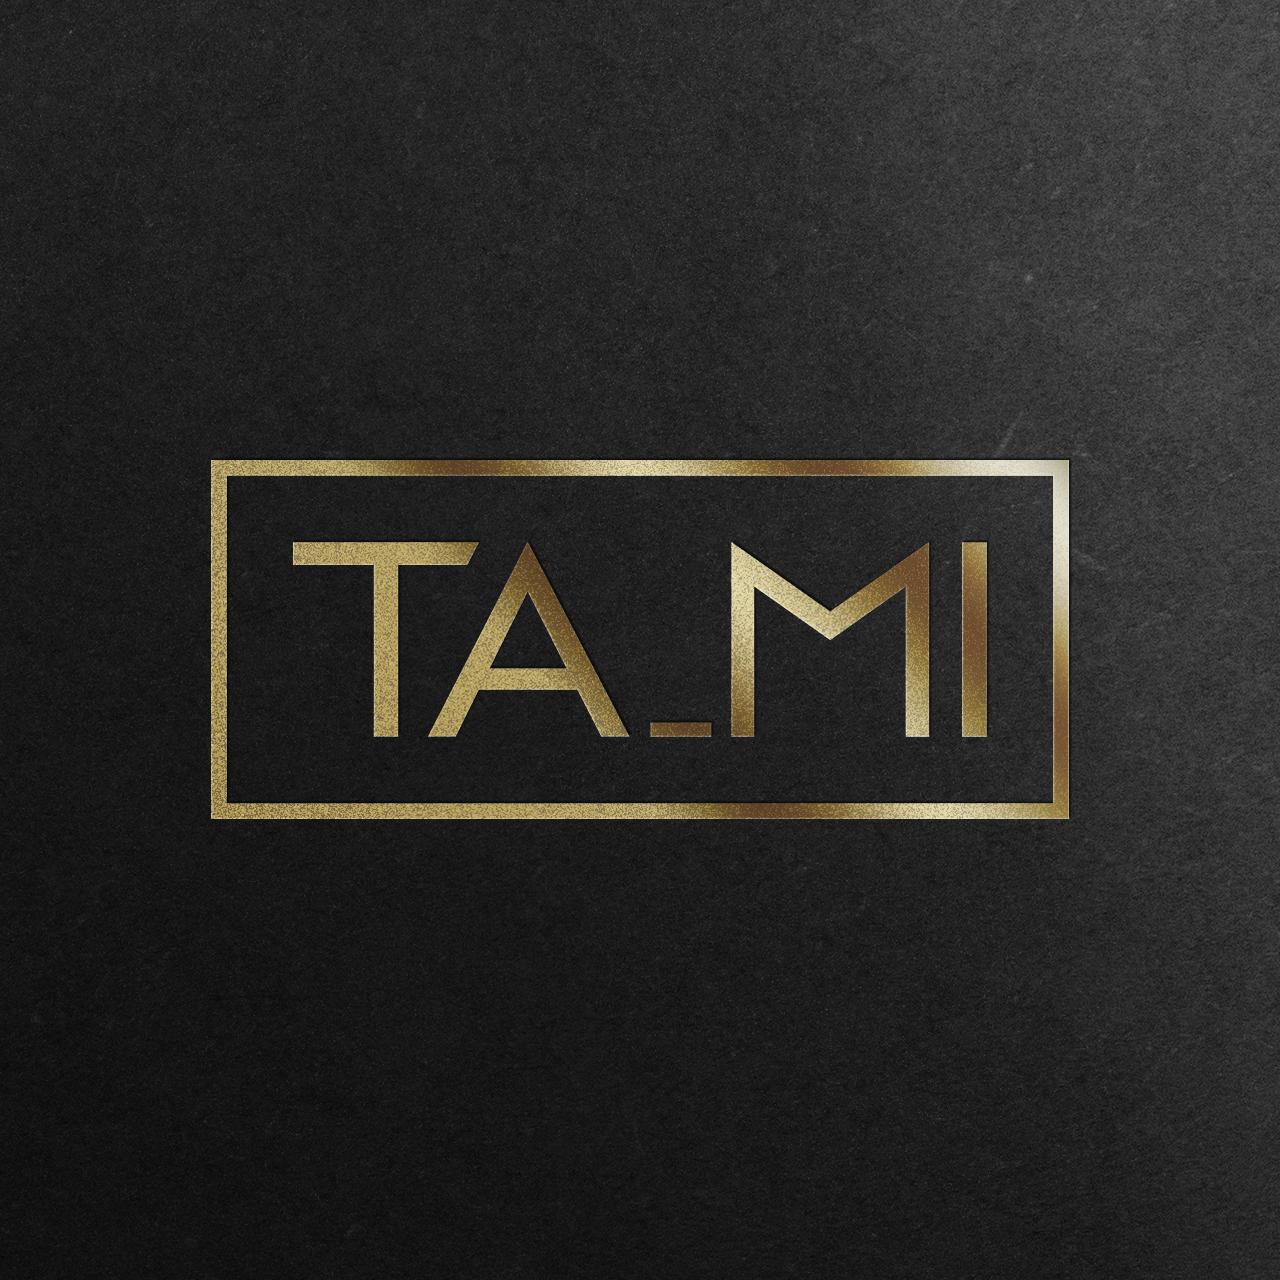 ta_mi-logo-mockup-gold